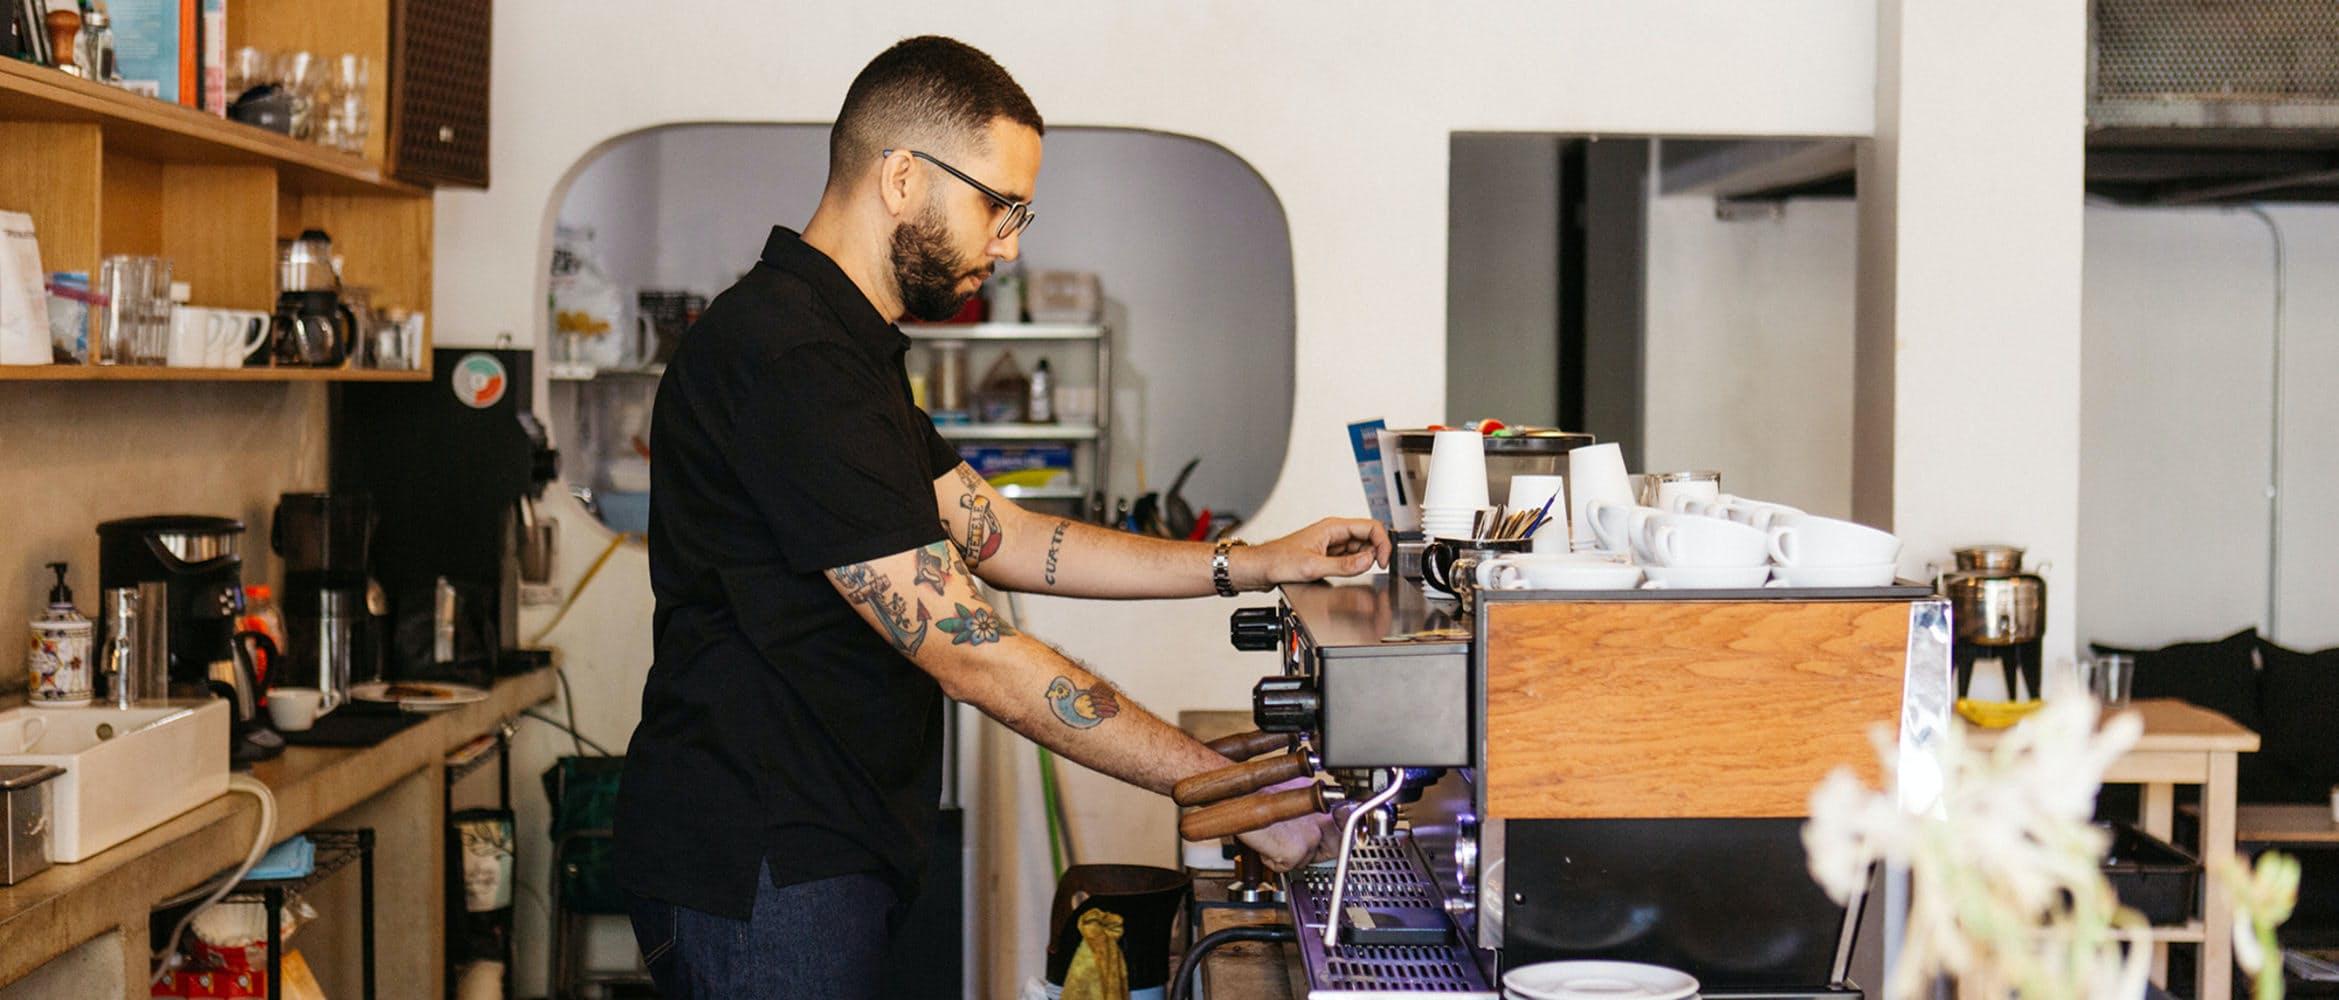 Featured 2x  cafe%cc%81 comunio%cc%81n abner rolda%cc%81n.jpg?ixlib=rails 2.1